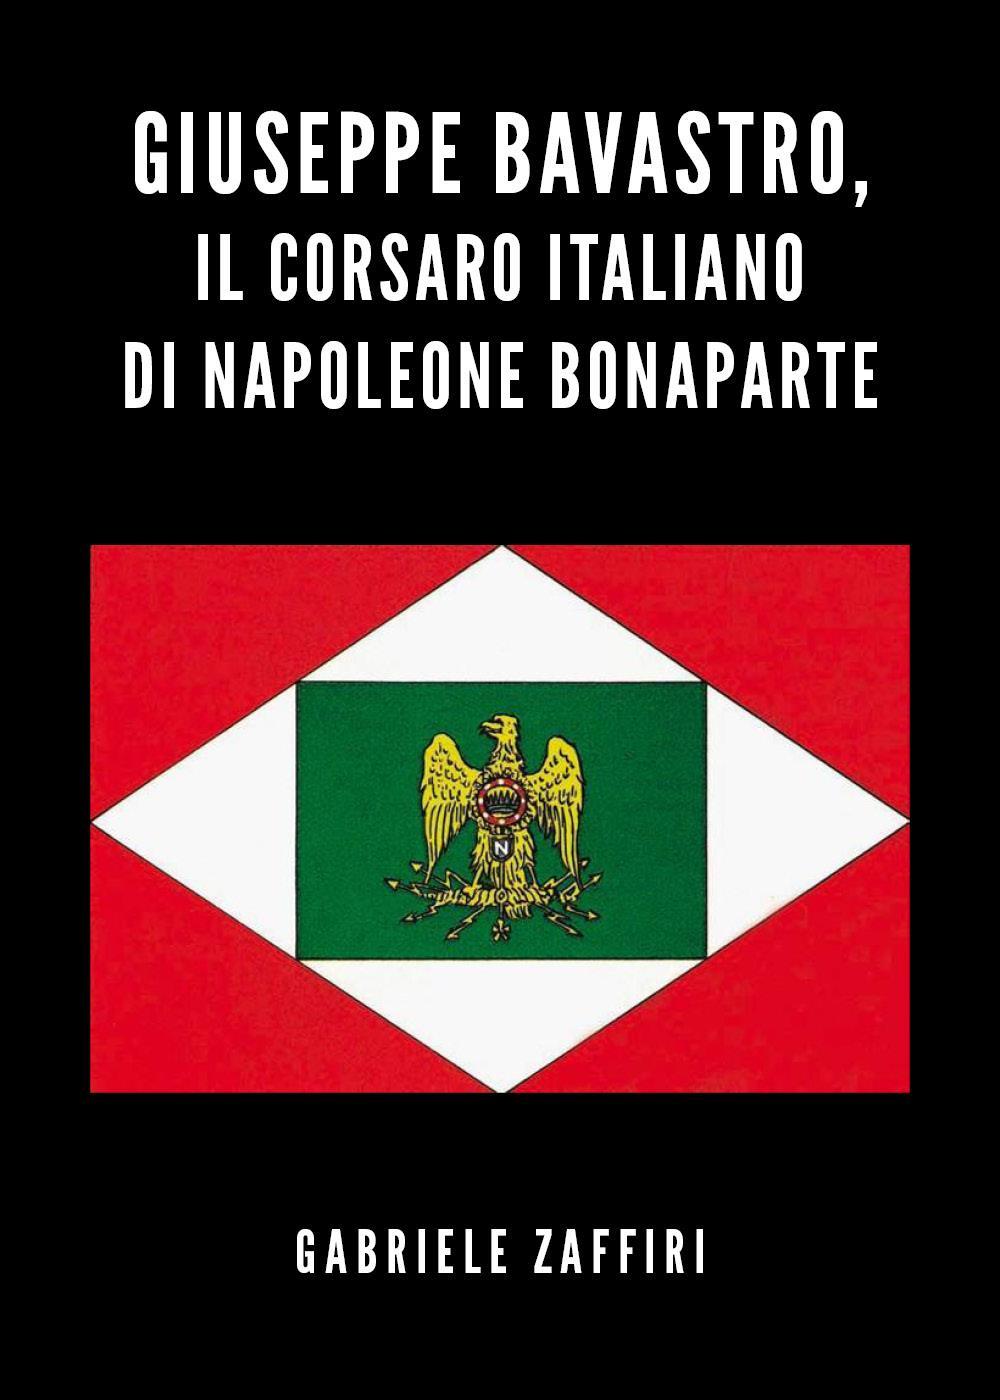 Giuseppe Bavastro, il corsaro italiano di Napoleone Bonaparte